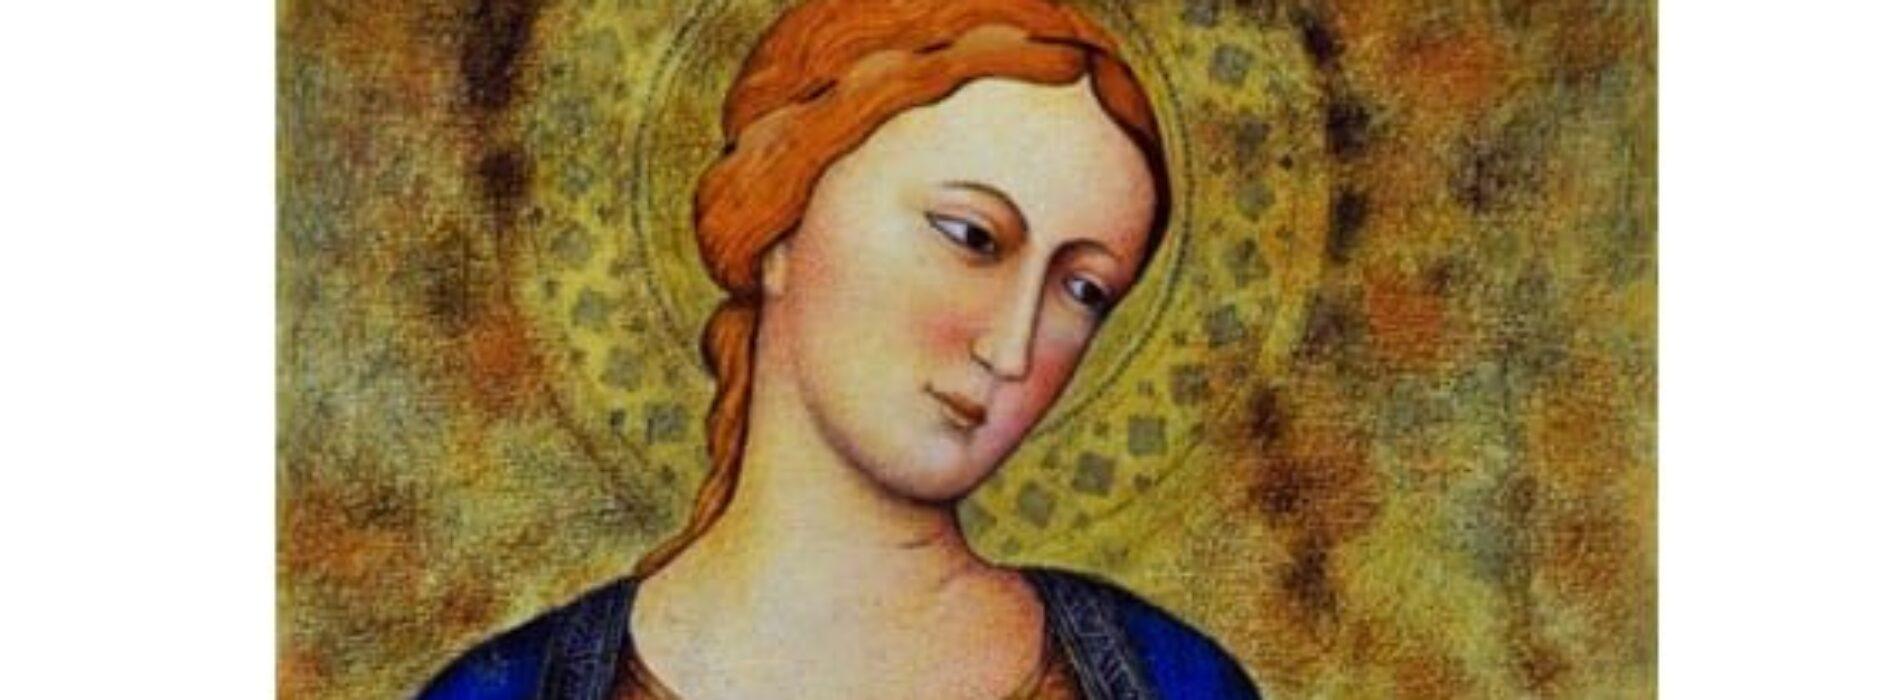 Museo Campano, in Pinacoteca la Madonna in attesa del parto